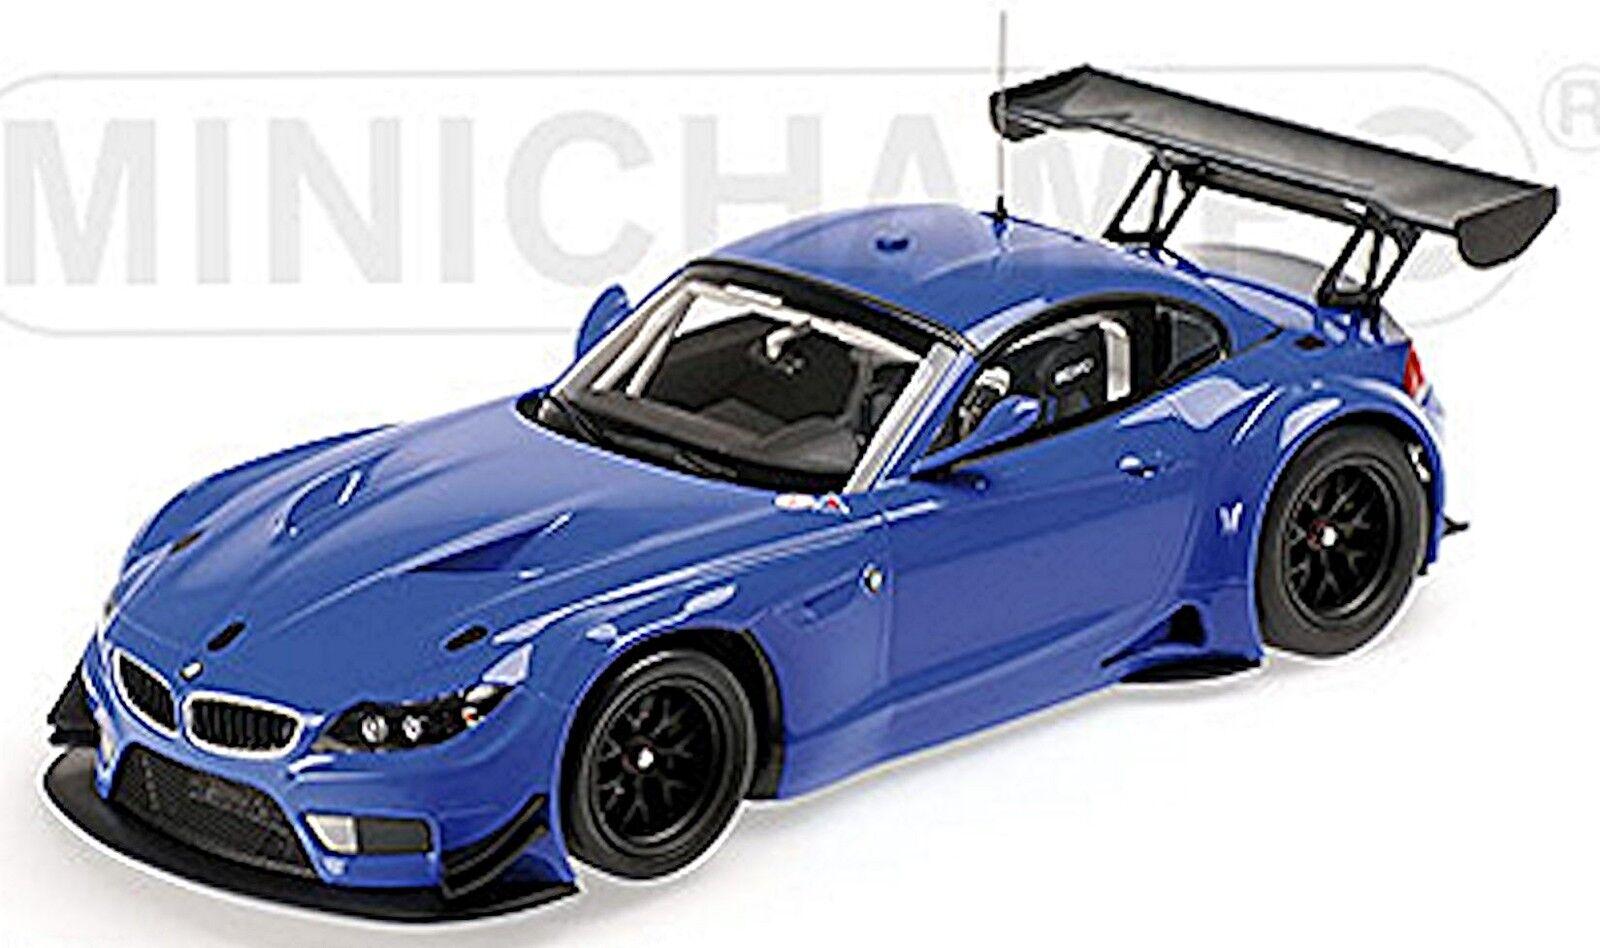 BMW z4 gt3 Coupe e89 streetversion 2012 Bleu bleu 1 18 MINICHAMPS